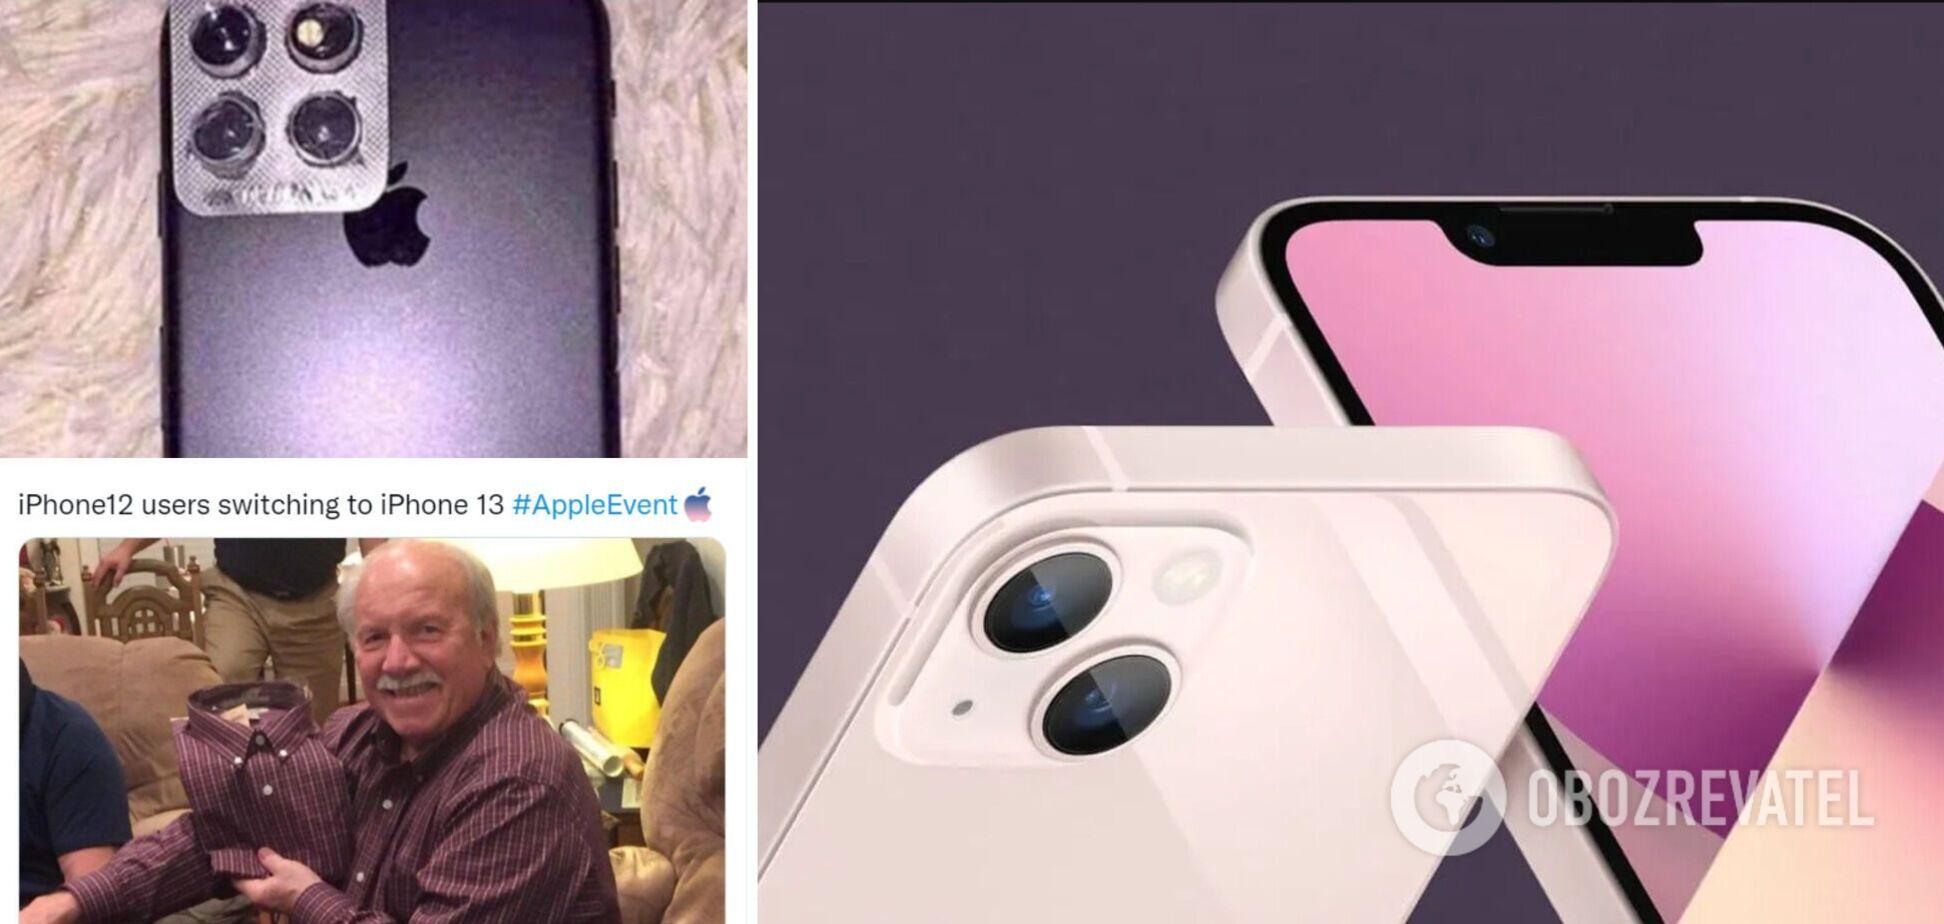 У мережі затролили зовнішній вигляд iPhone 13 після презентації. Фото